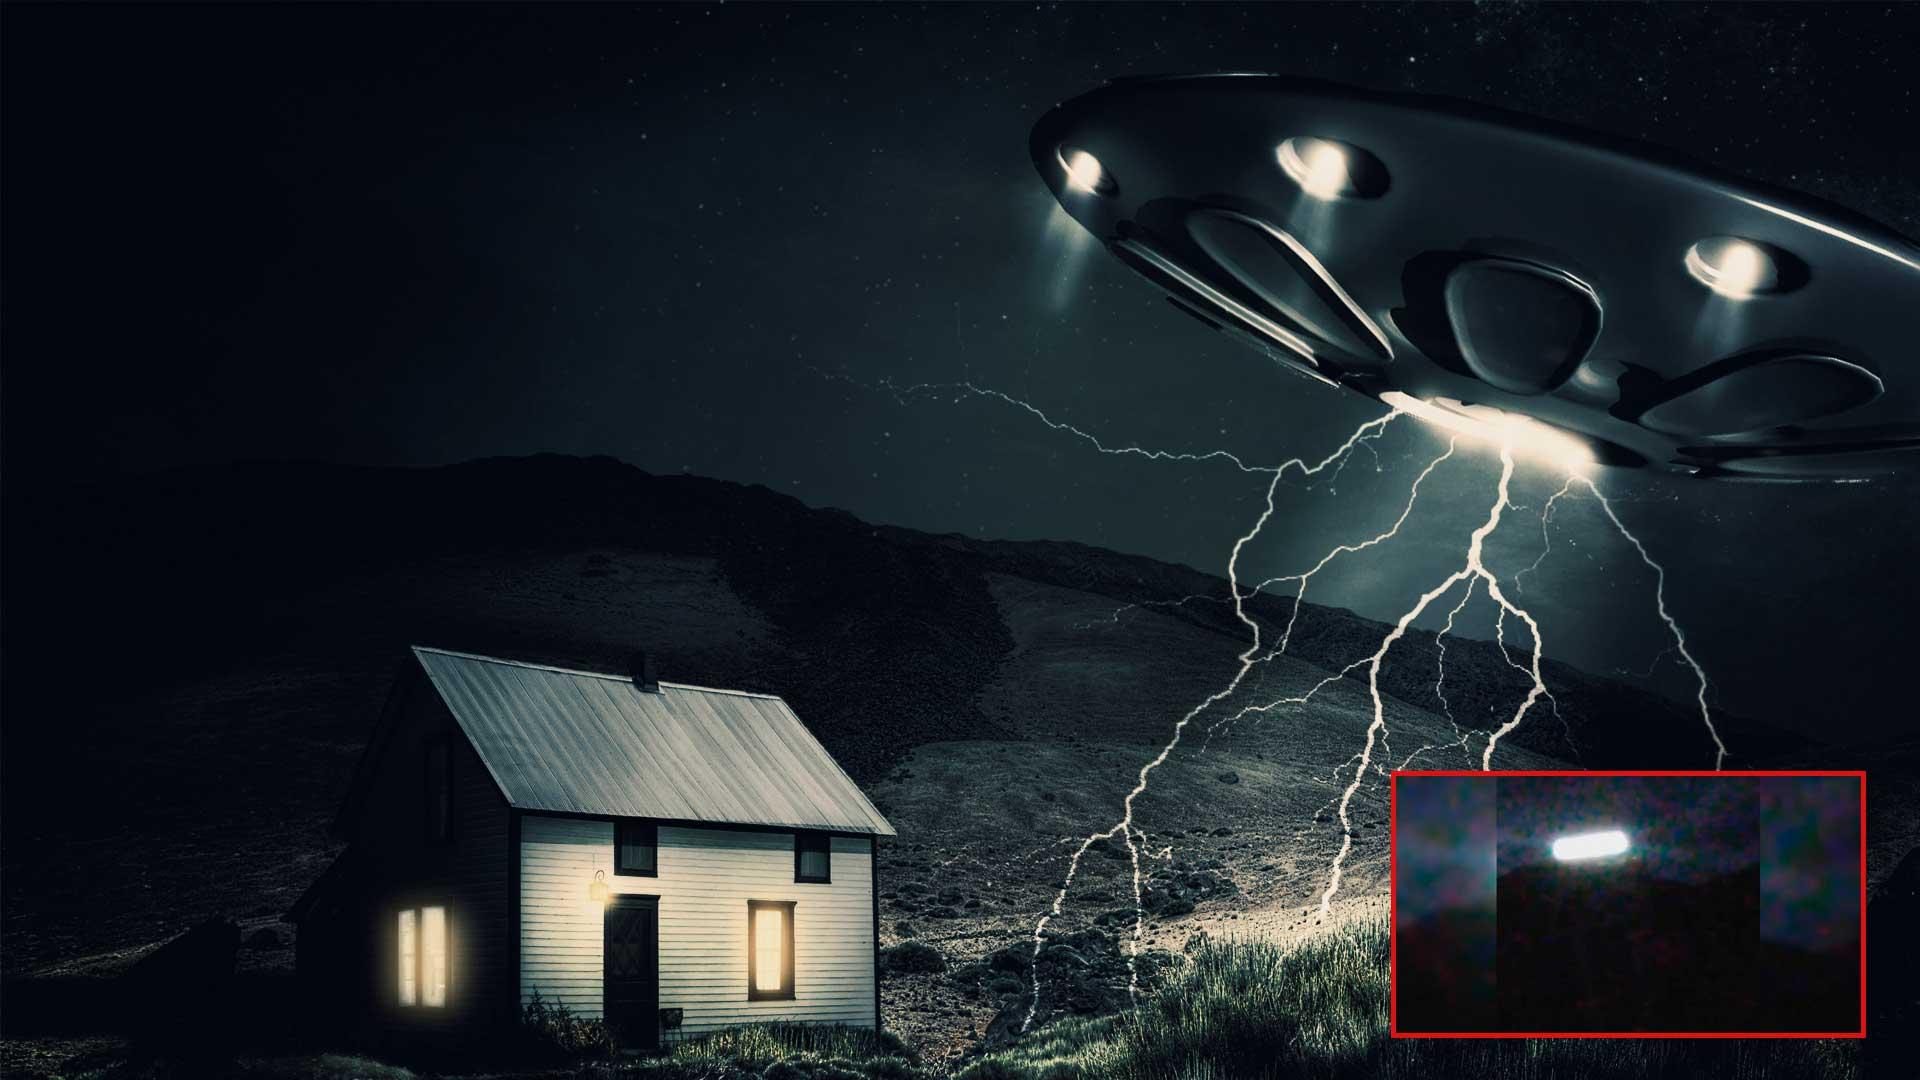 Un OVNI vuela sobre una casa de Trinidad, EEUU ante la mirada incrédula de los vecinos